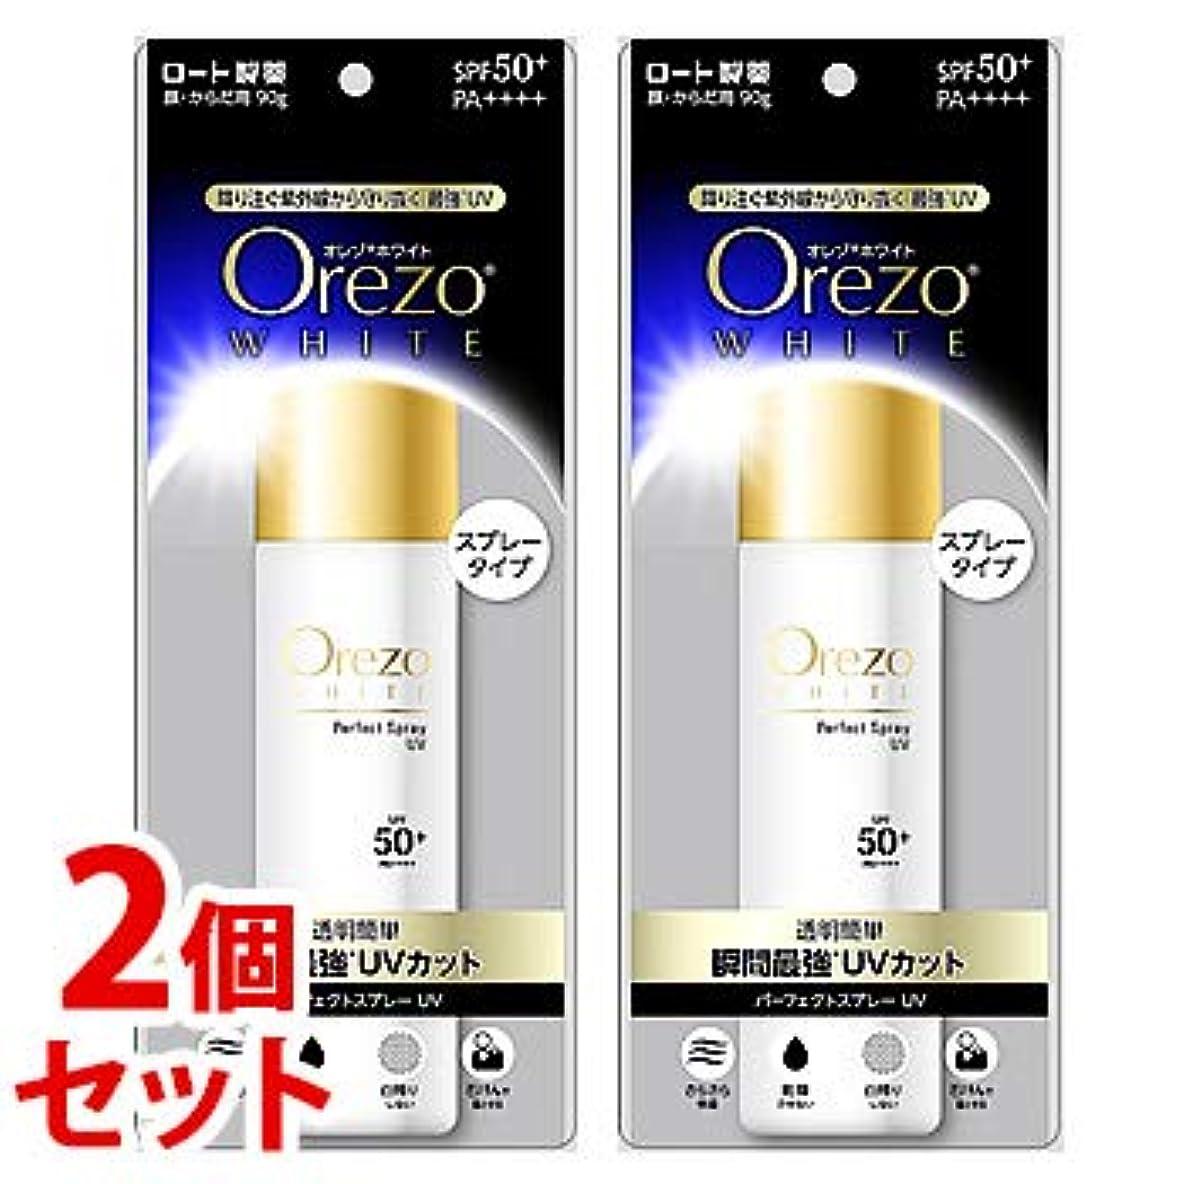 傷跡ボイコットフレームワーク《セット販売》 ロート製薬 Orezo オレゾ ホワイト パーフェクトスプレーUV SPF50+ PA++++ (90g)×2個セット 顔?からだ用 日やけ止め スプレータイプ